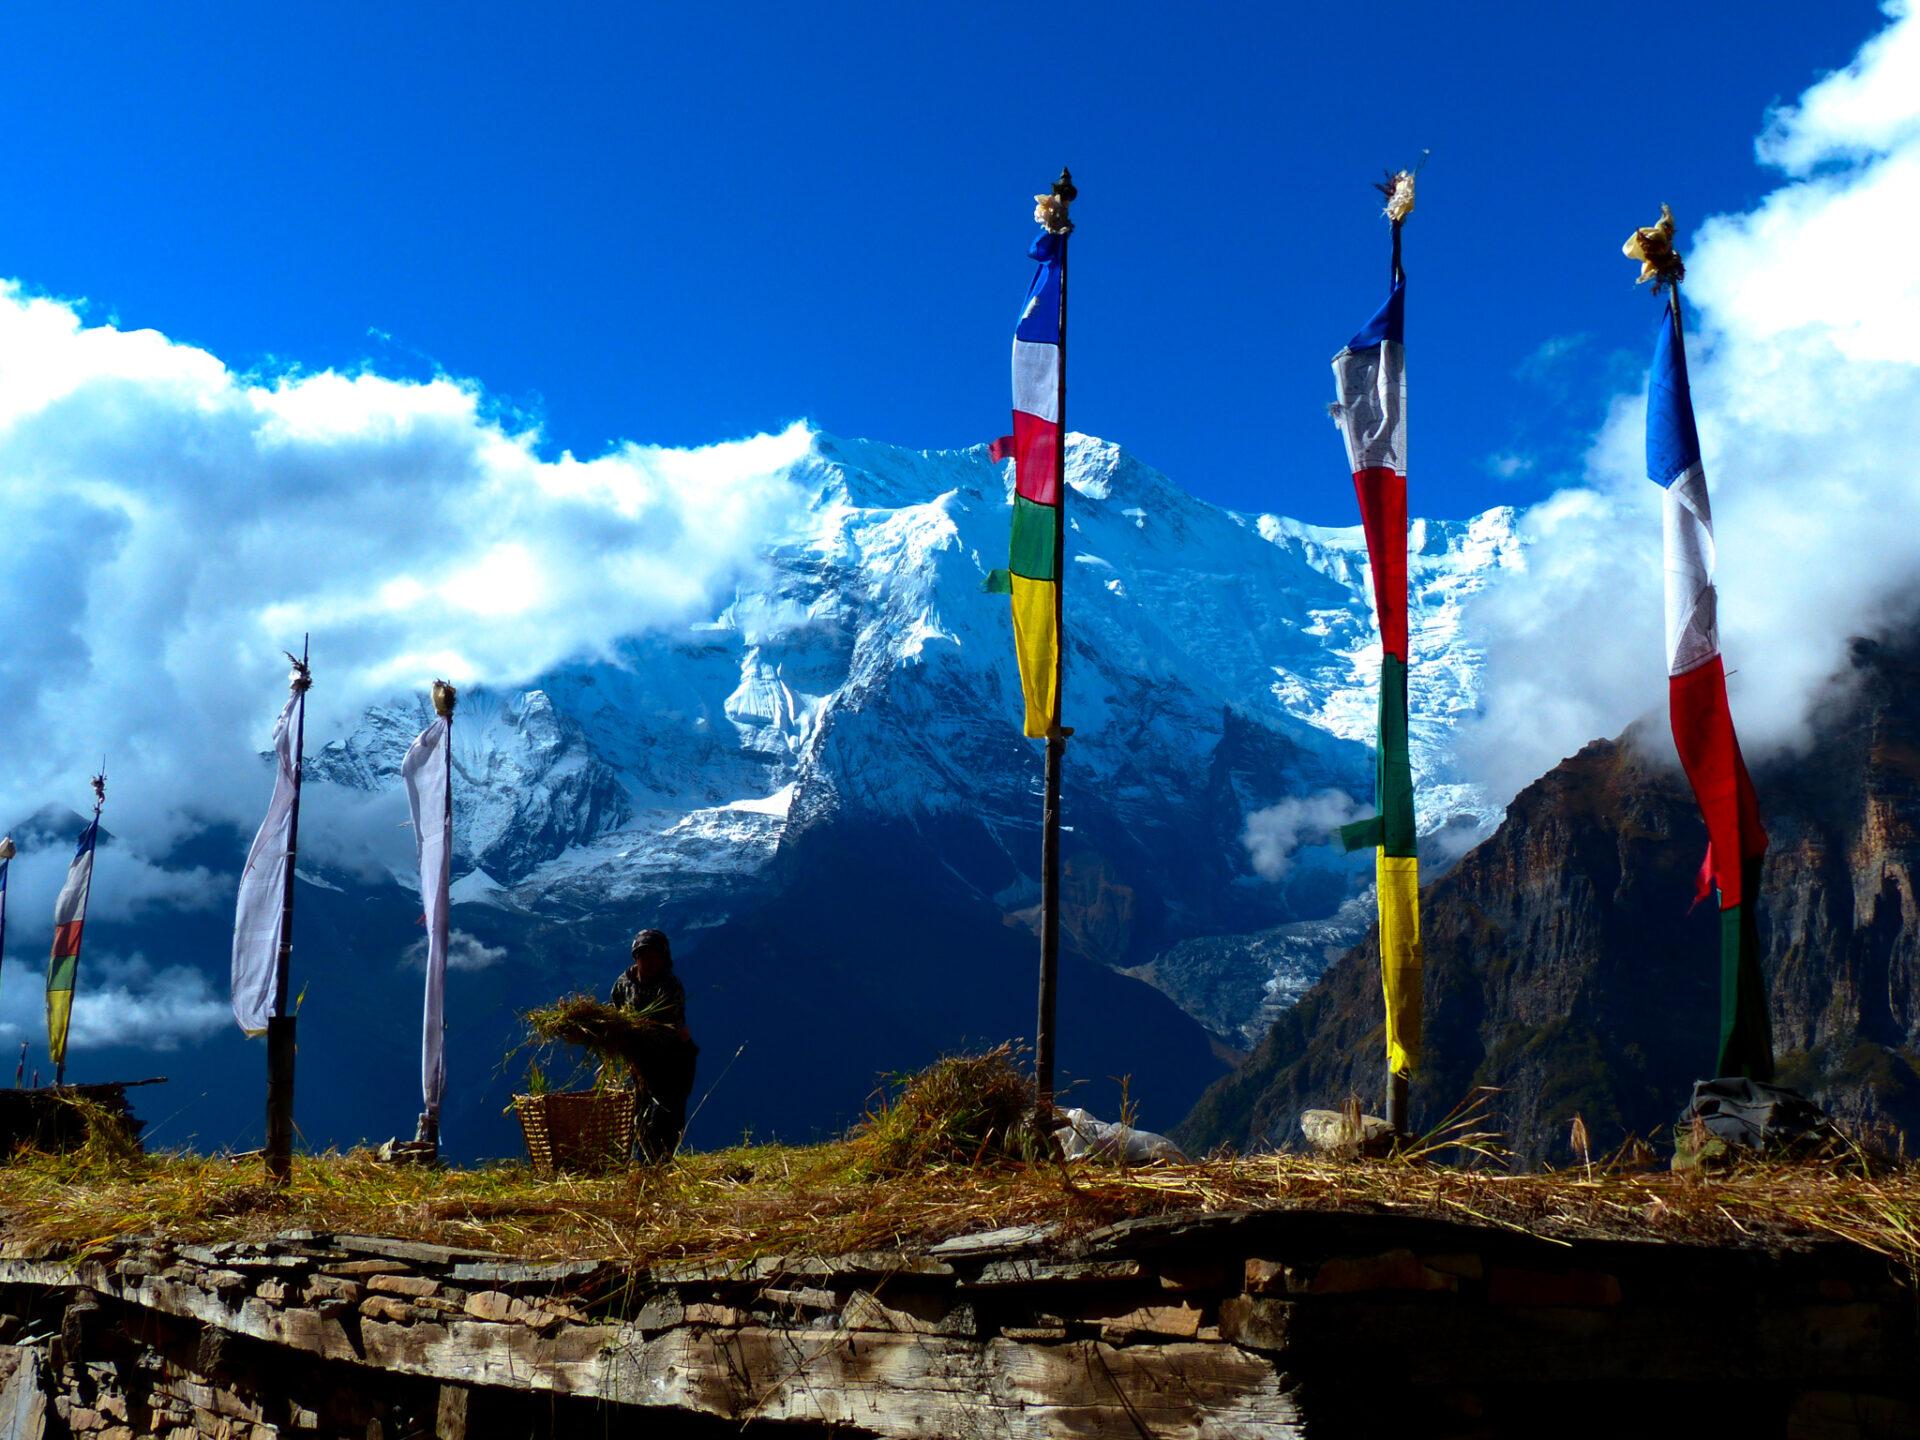 Un village sur le tour des Annapurnas